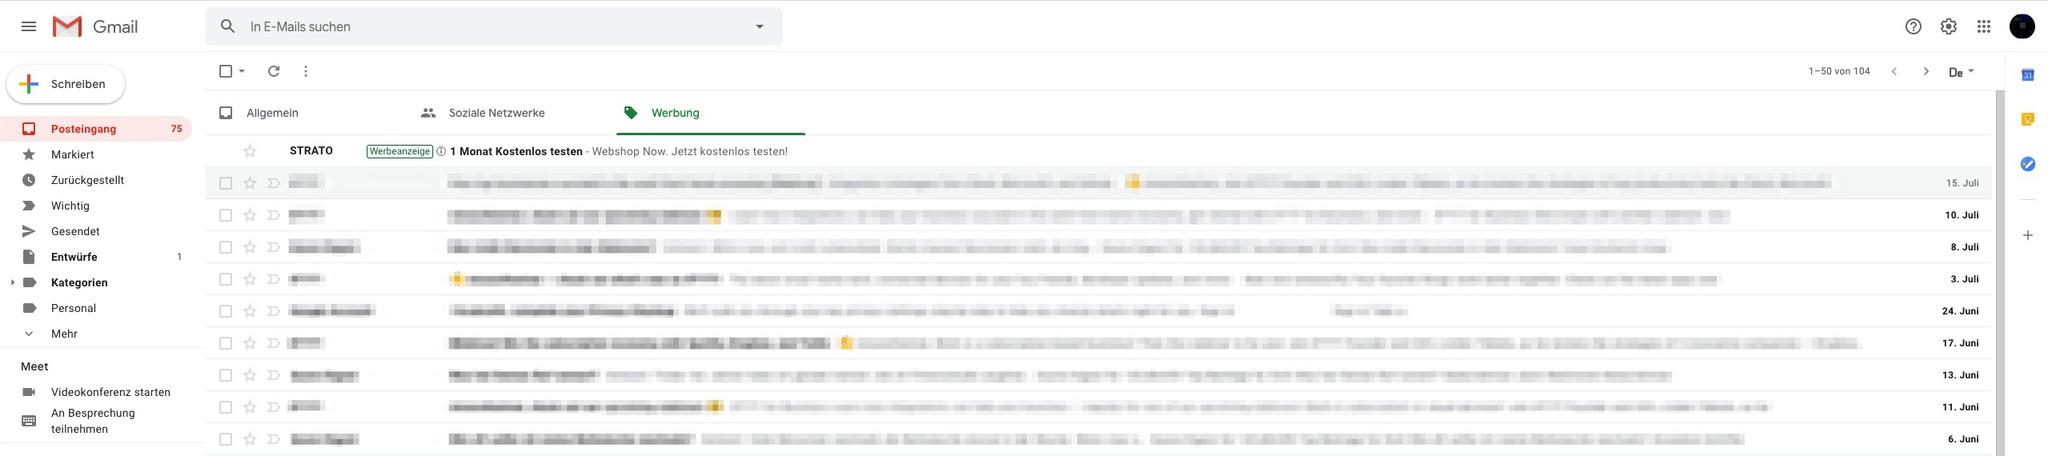 Gmail Werbeanzeige